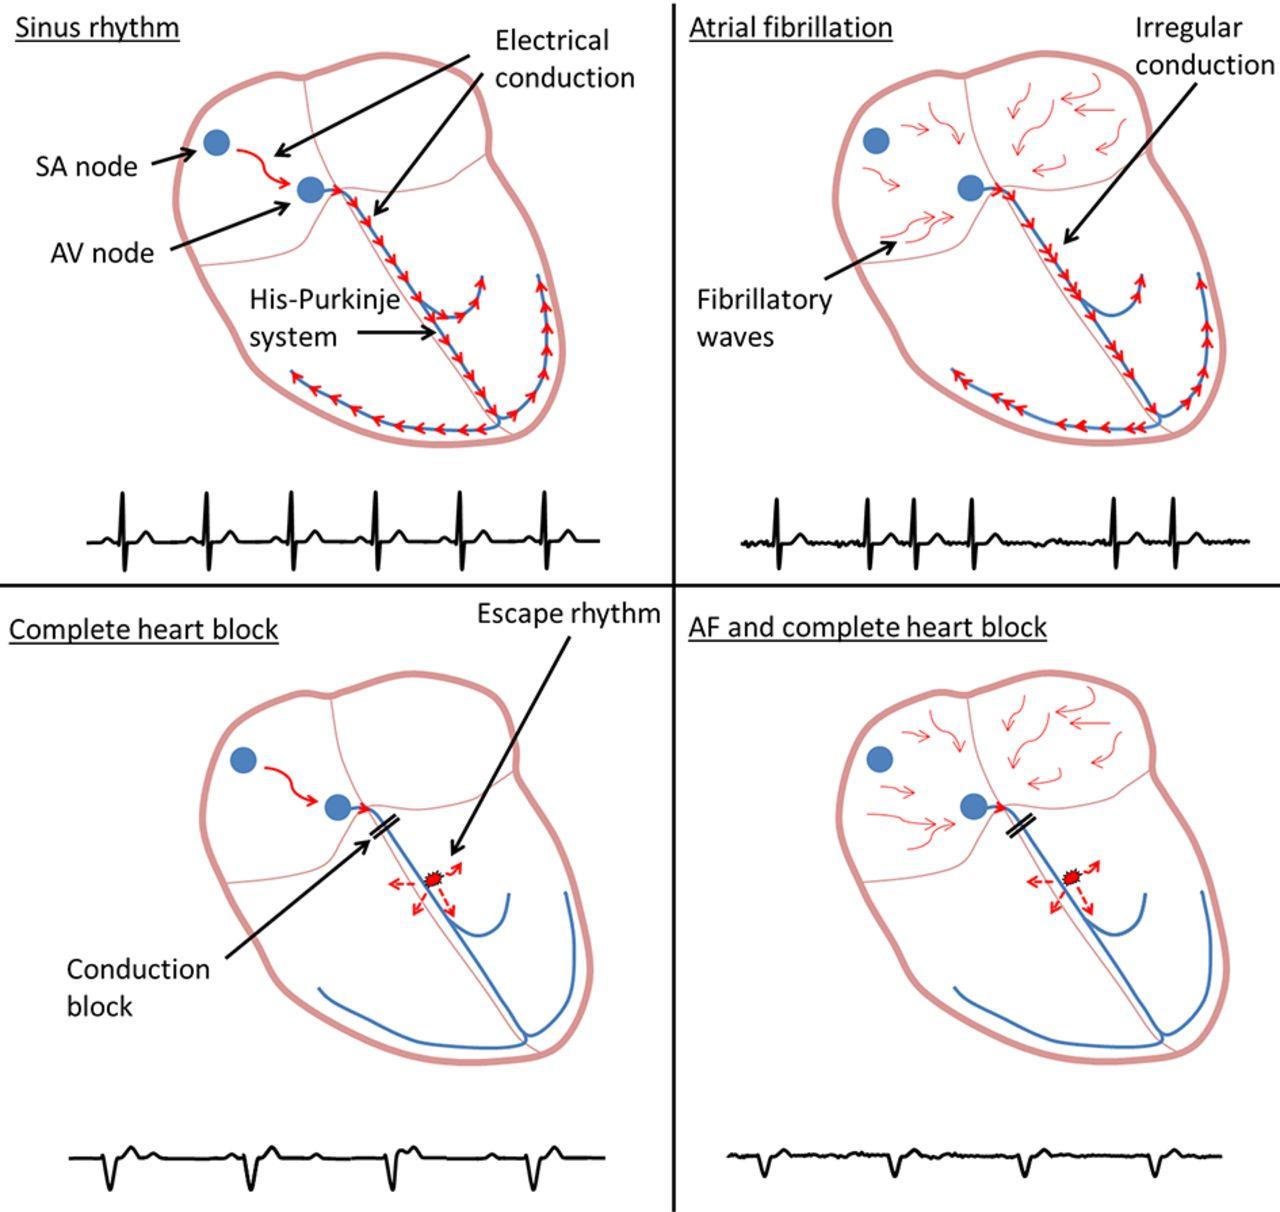 Heart rhythm conundrum | The BMJ